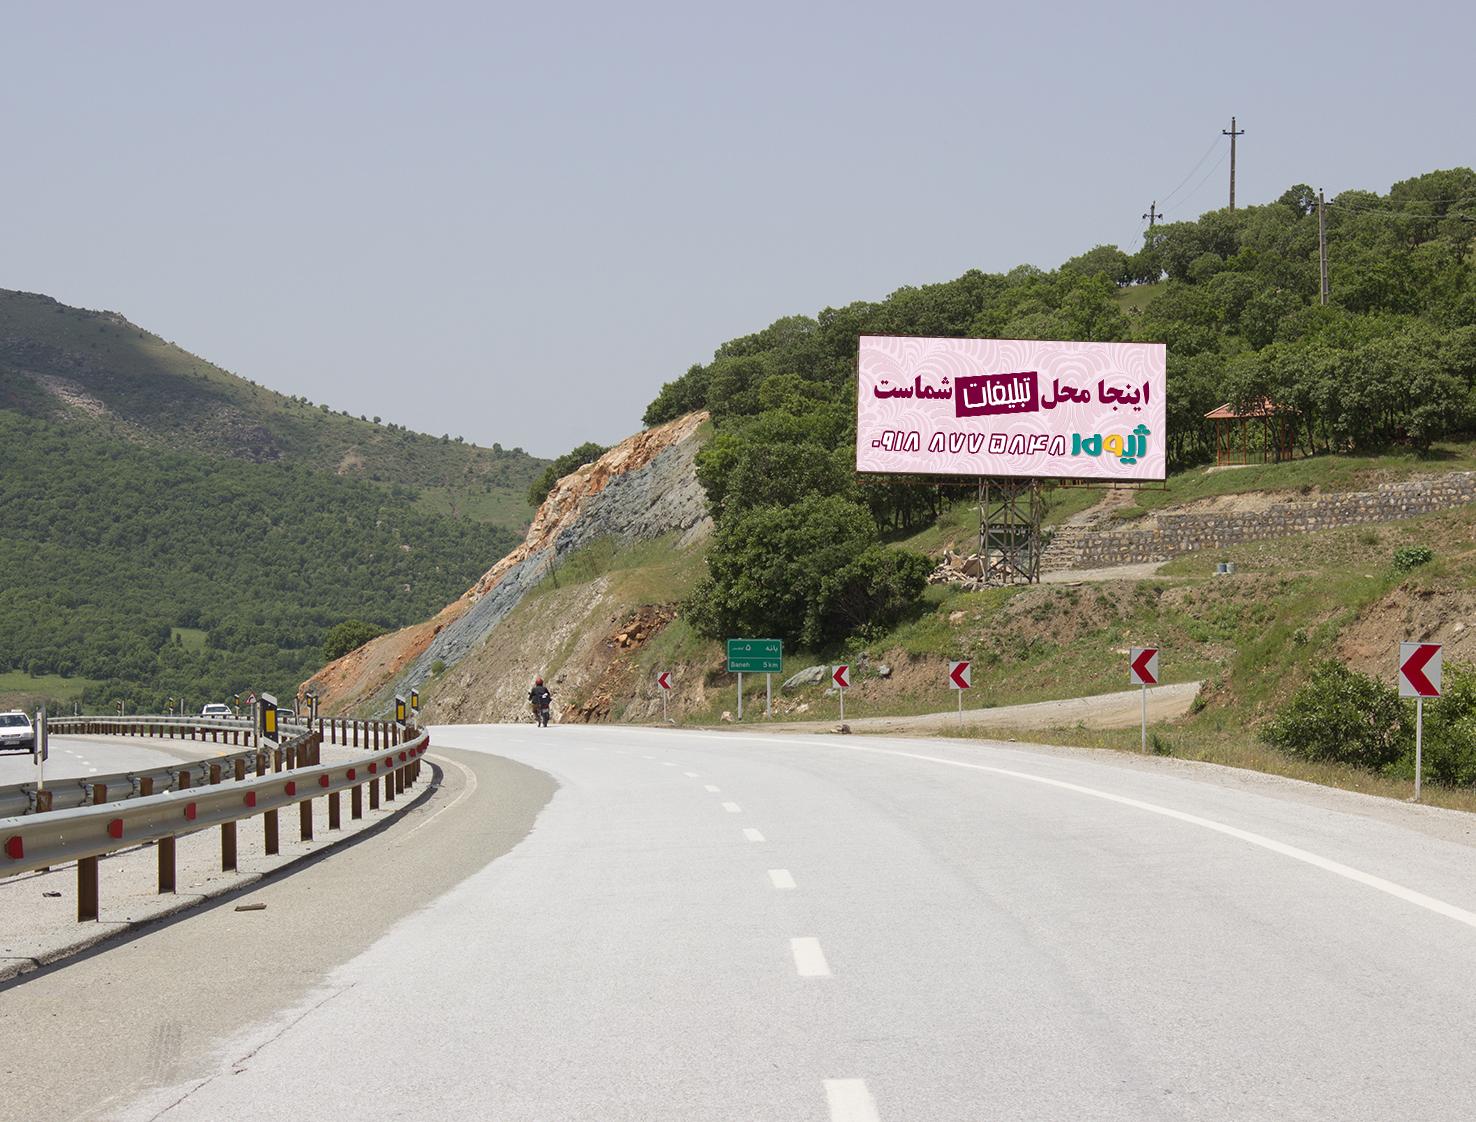 بیلبورد تبلیغاتی محور سقز ، بانه ۱۵۰۰ متر پایین تر از روستای سبدلو جنب پارک جنگلی